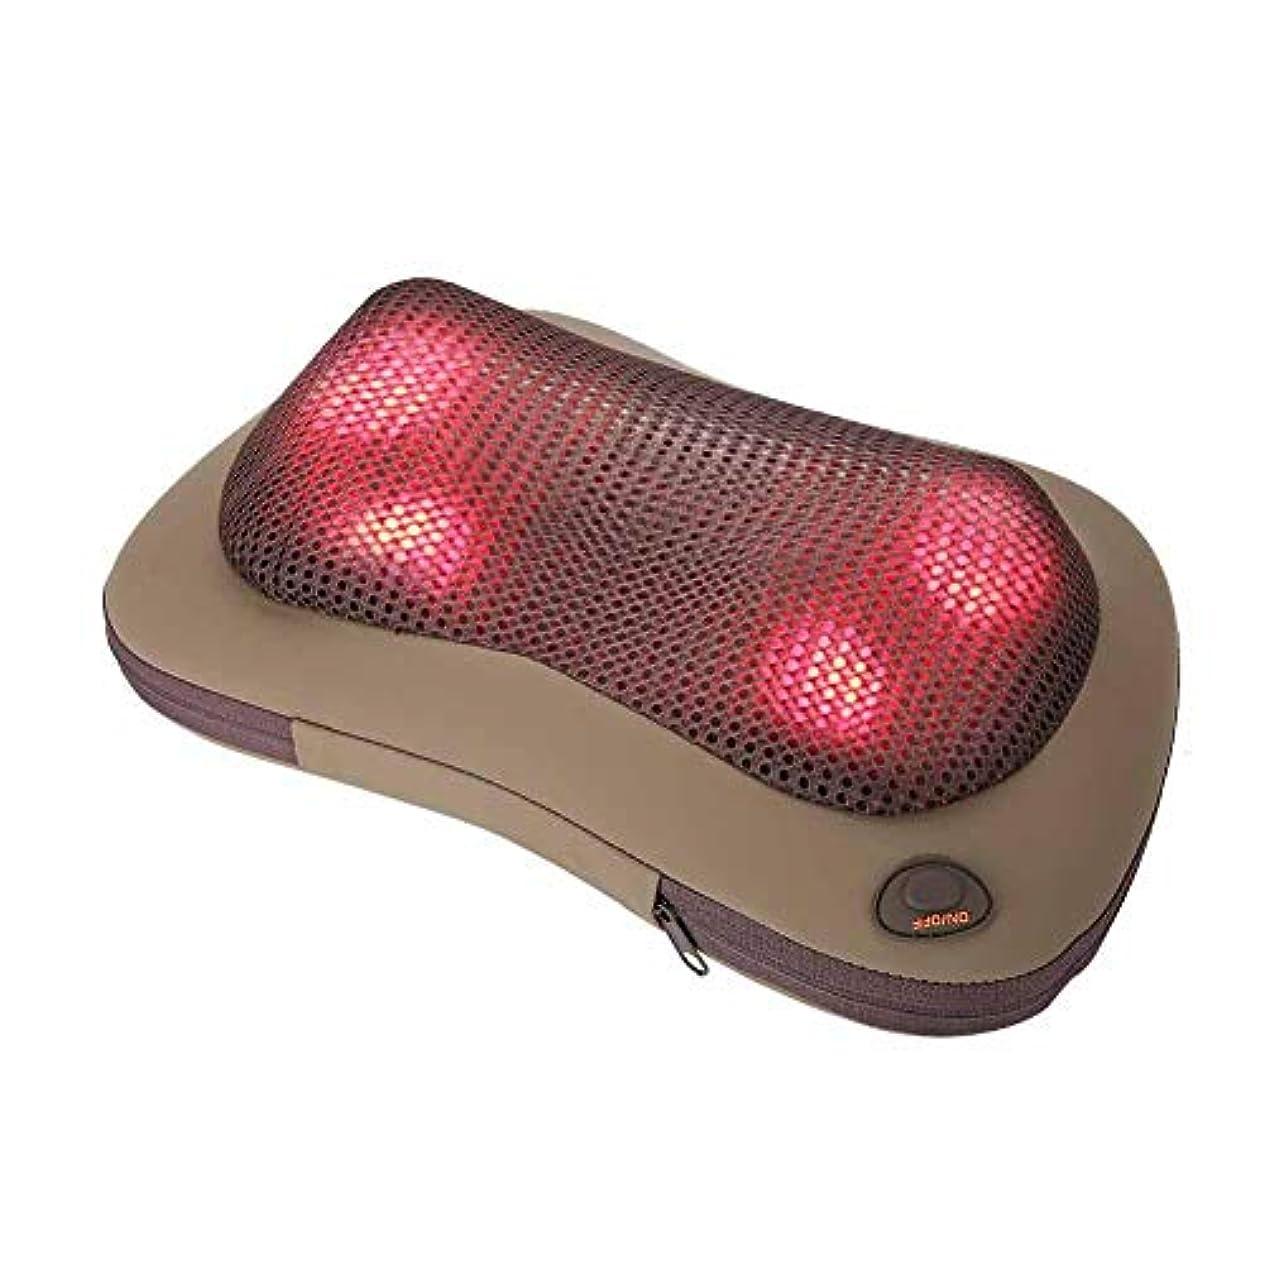 謝罪感染する一貫性のない携帯用 電気マッサージ 枕 暖房療法 首 ウエスト 足 腕 マッサージ用具(グレー)